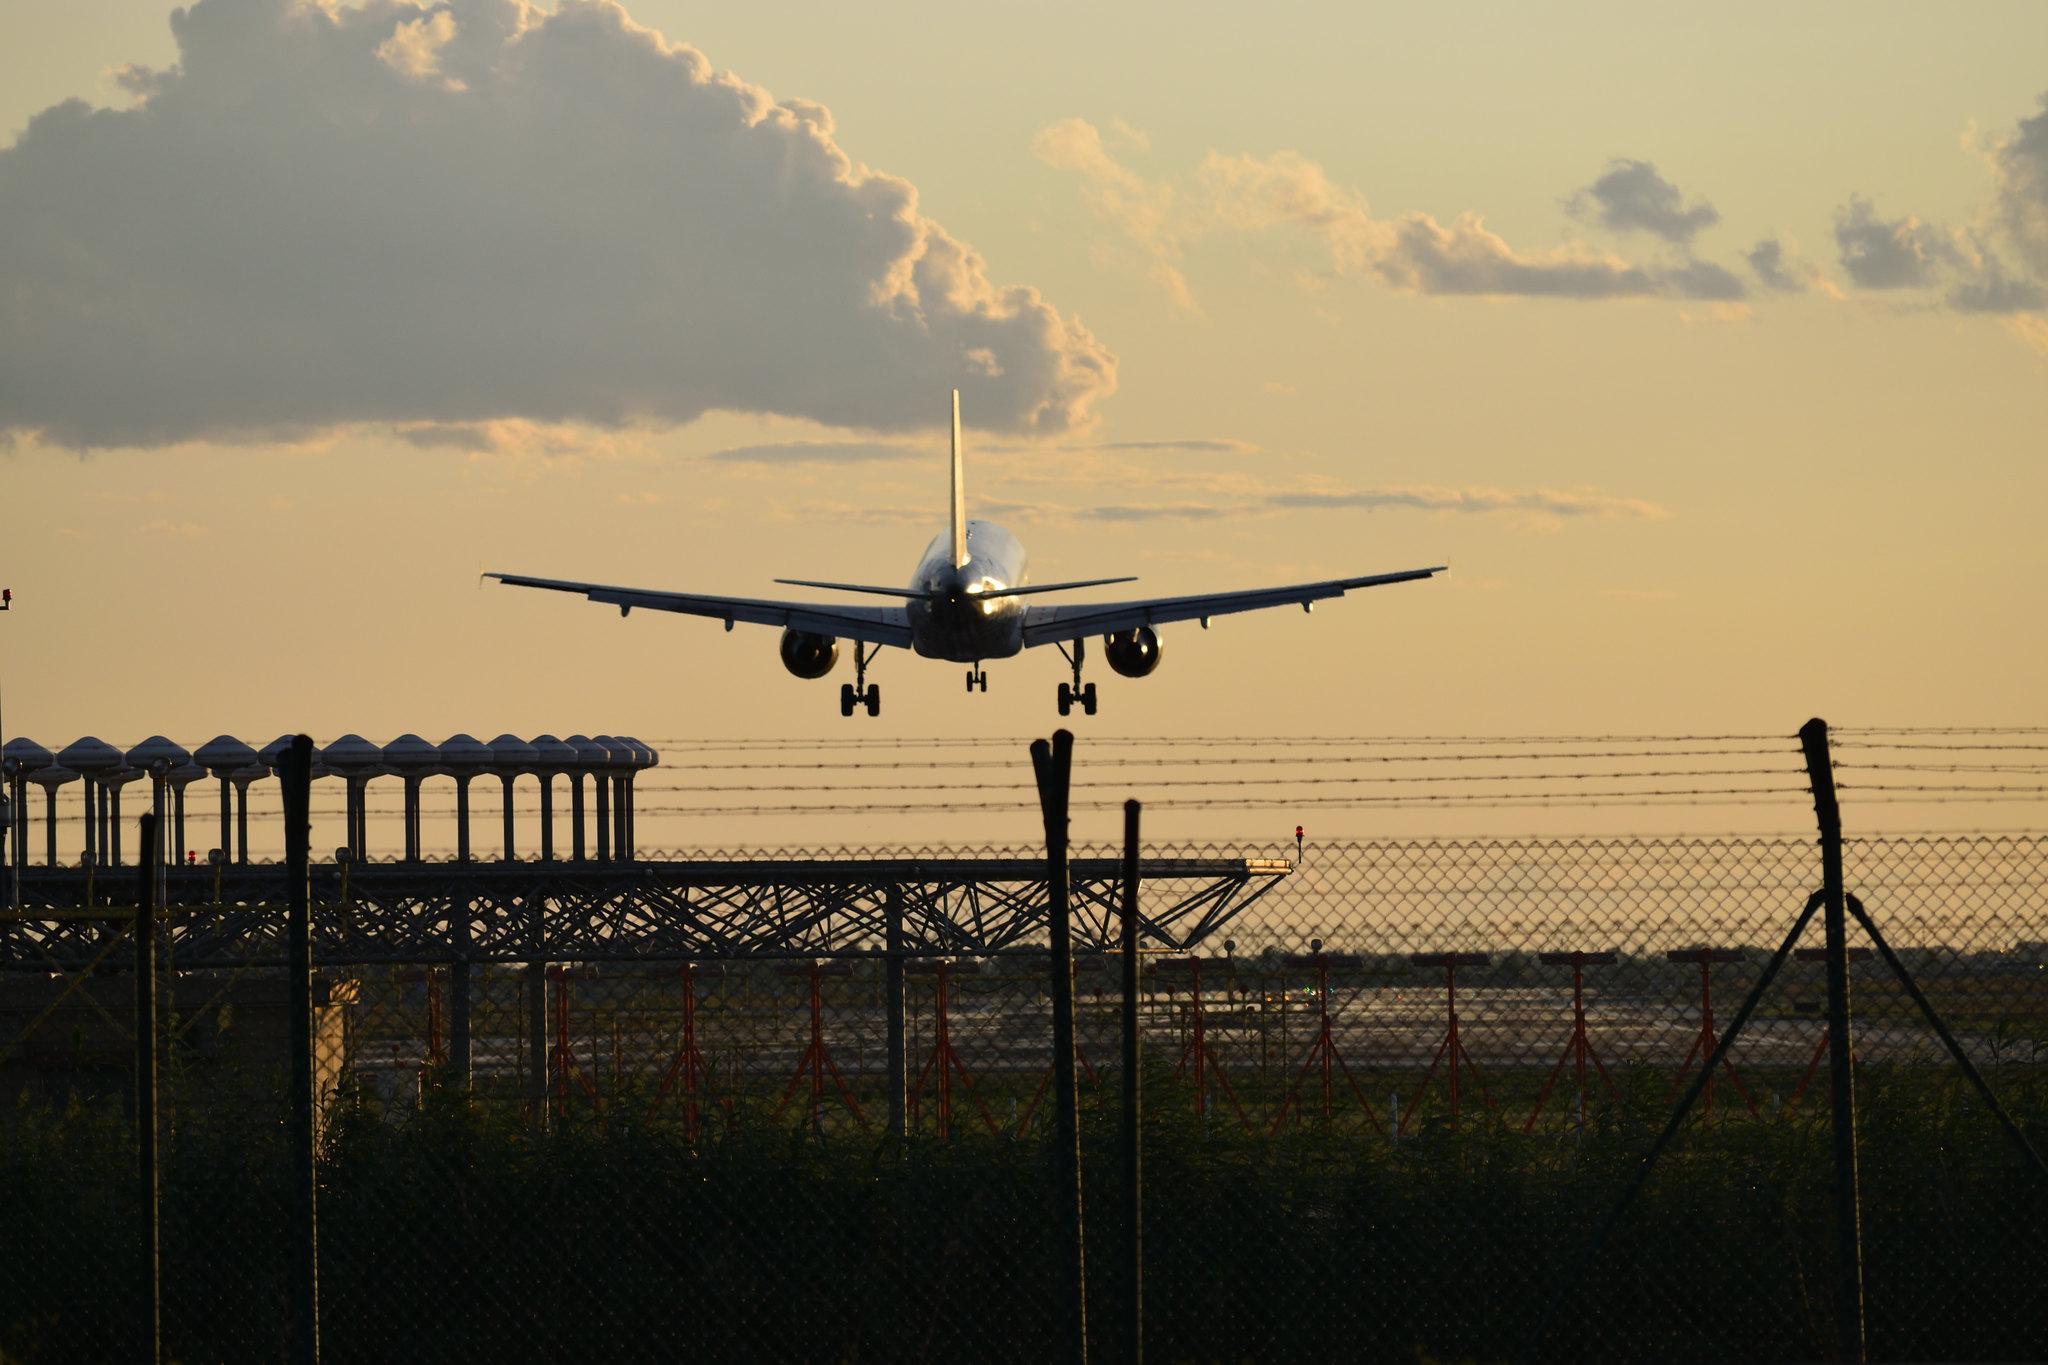 Resultado de imagen para avion aterrizando